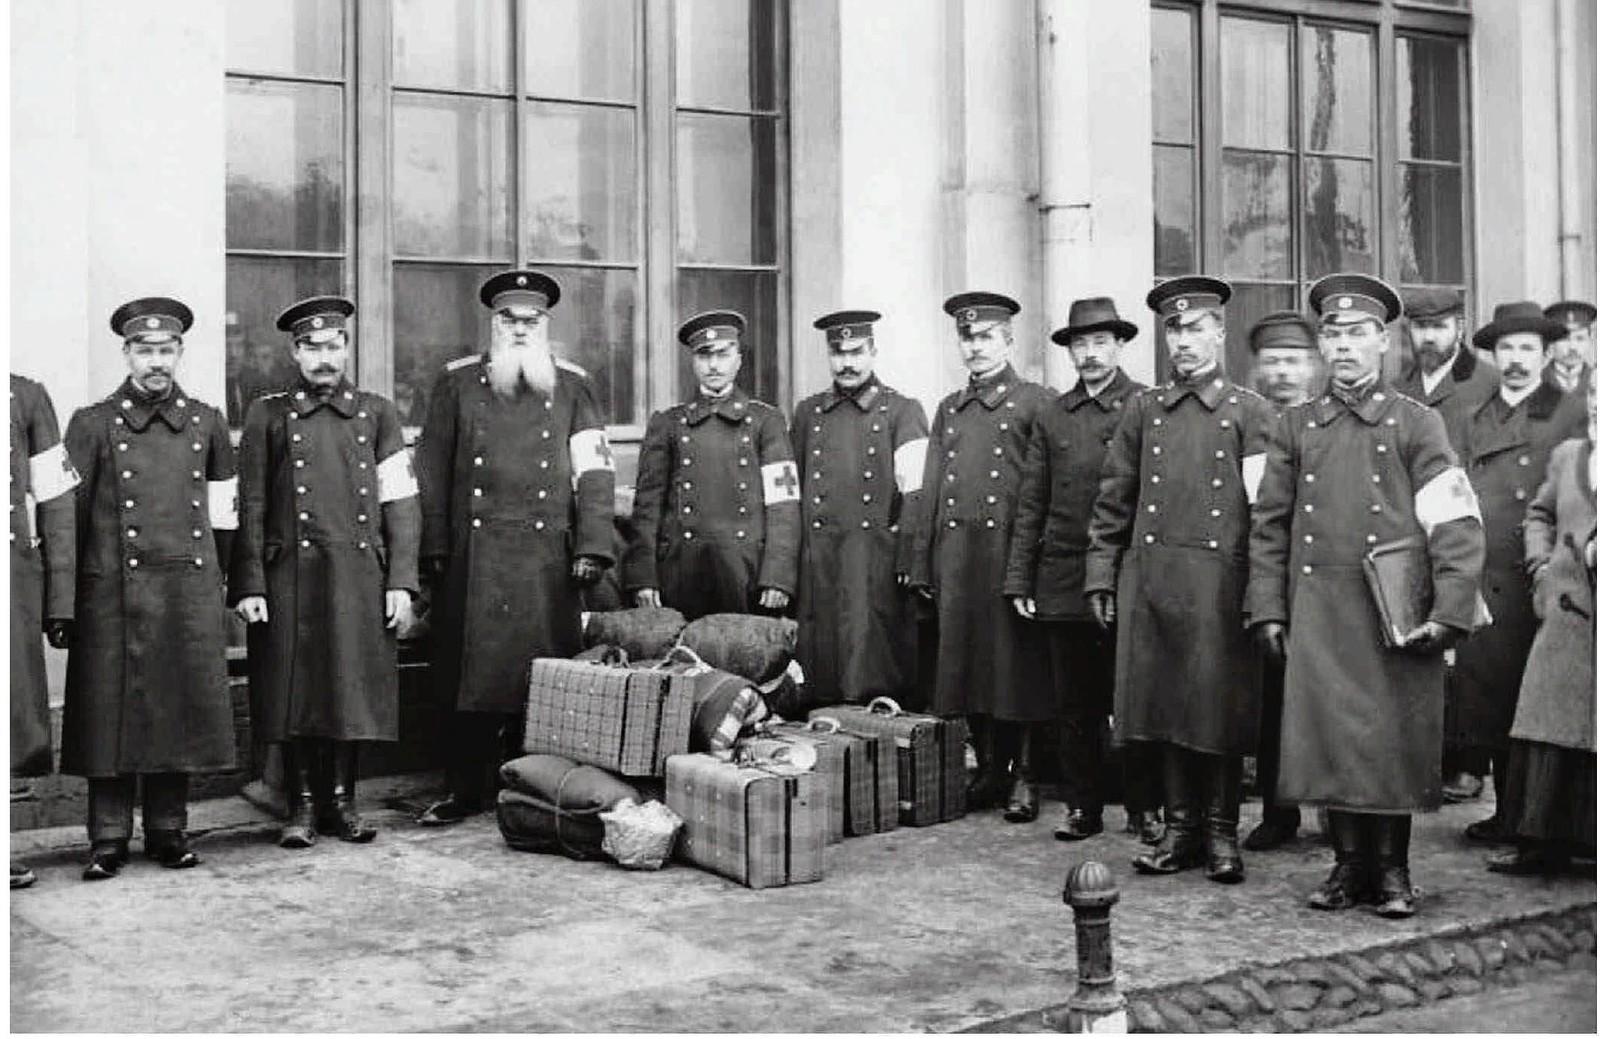 1912. Военные медики перед отправкой на Балканскую войну